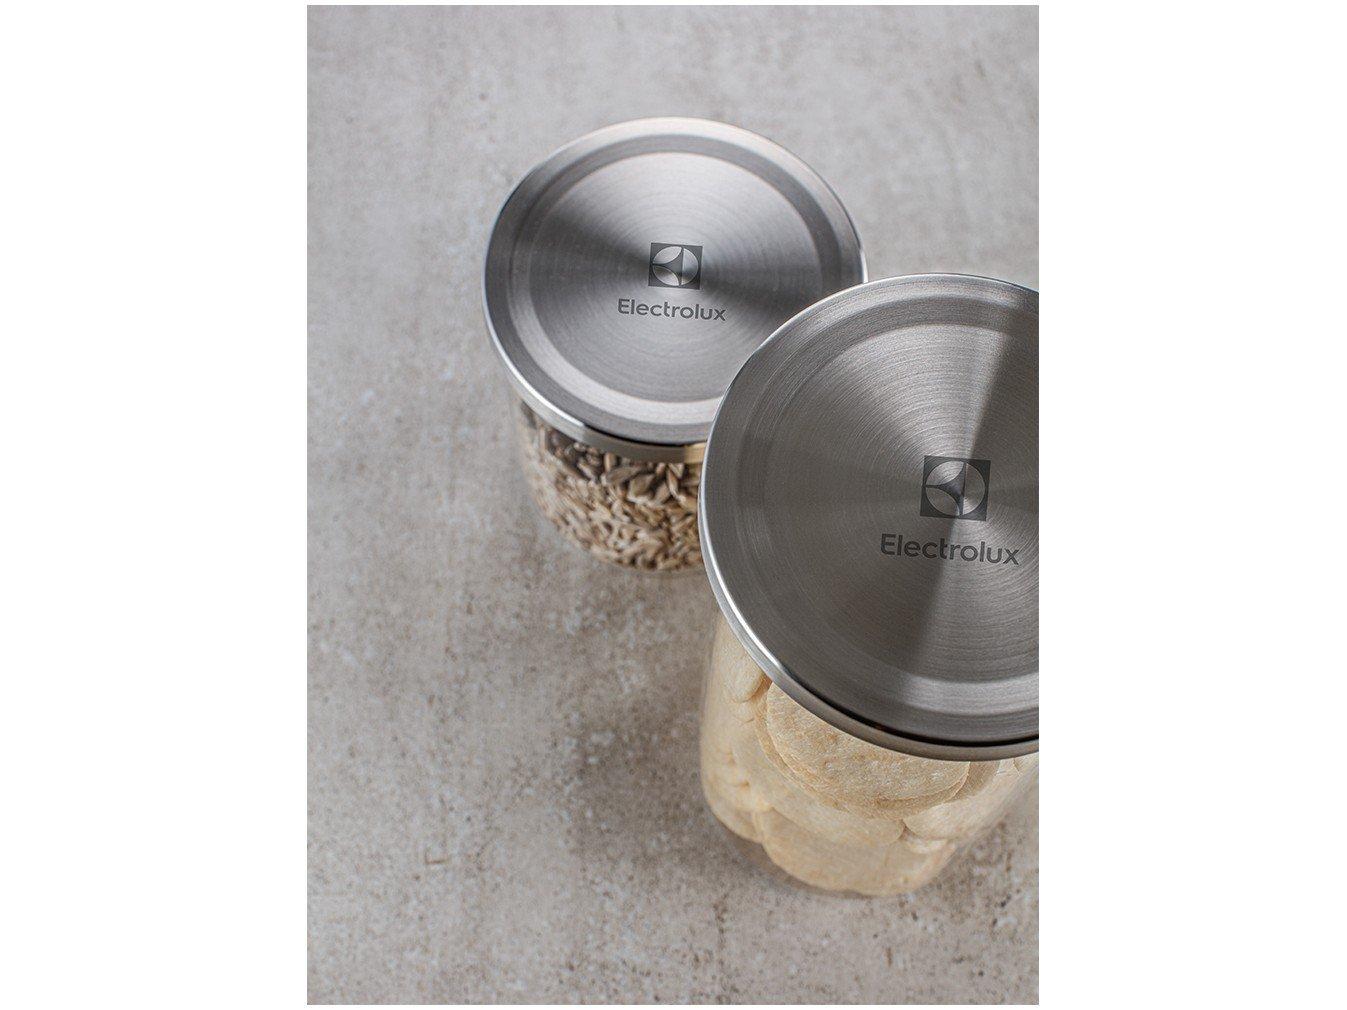 Jogo de Potes de Vidro Hermético Electrolux - com Tampa Redondo A18848101 4 Peças - 2